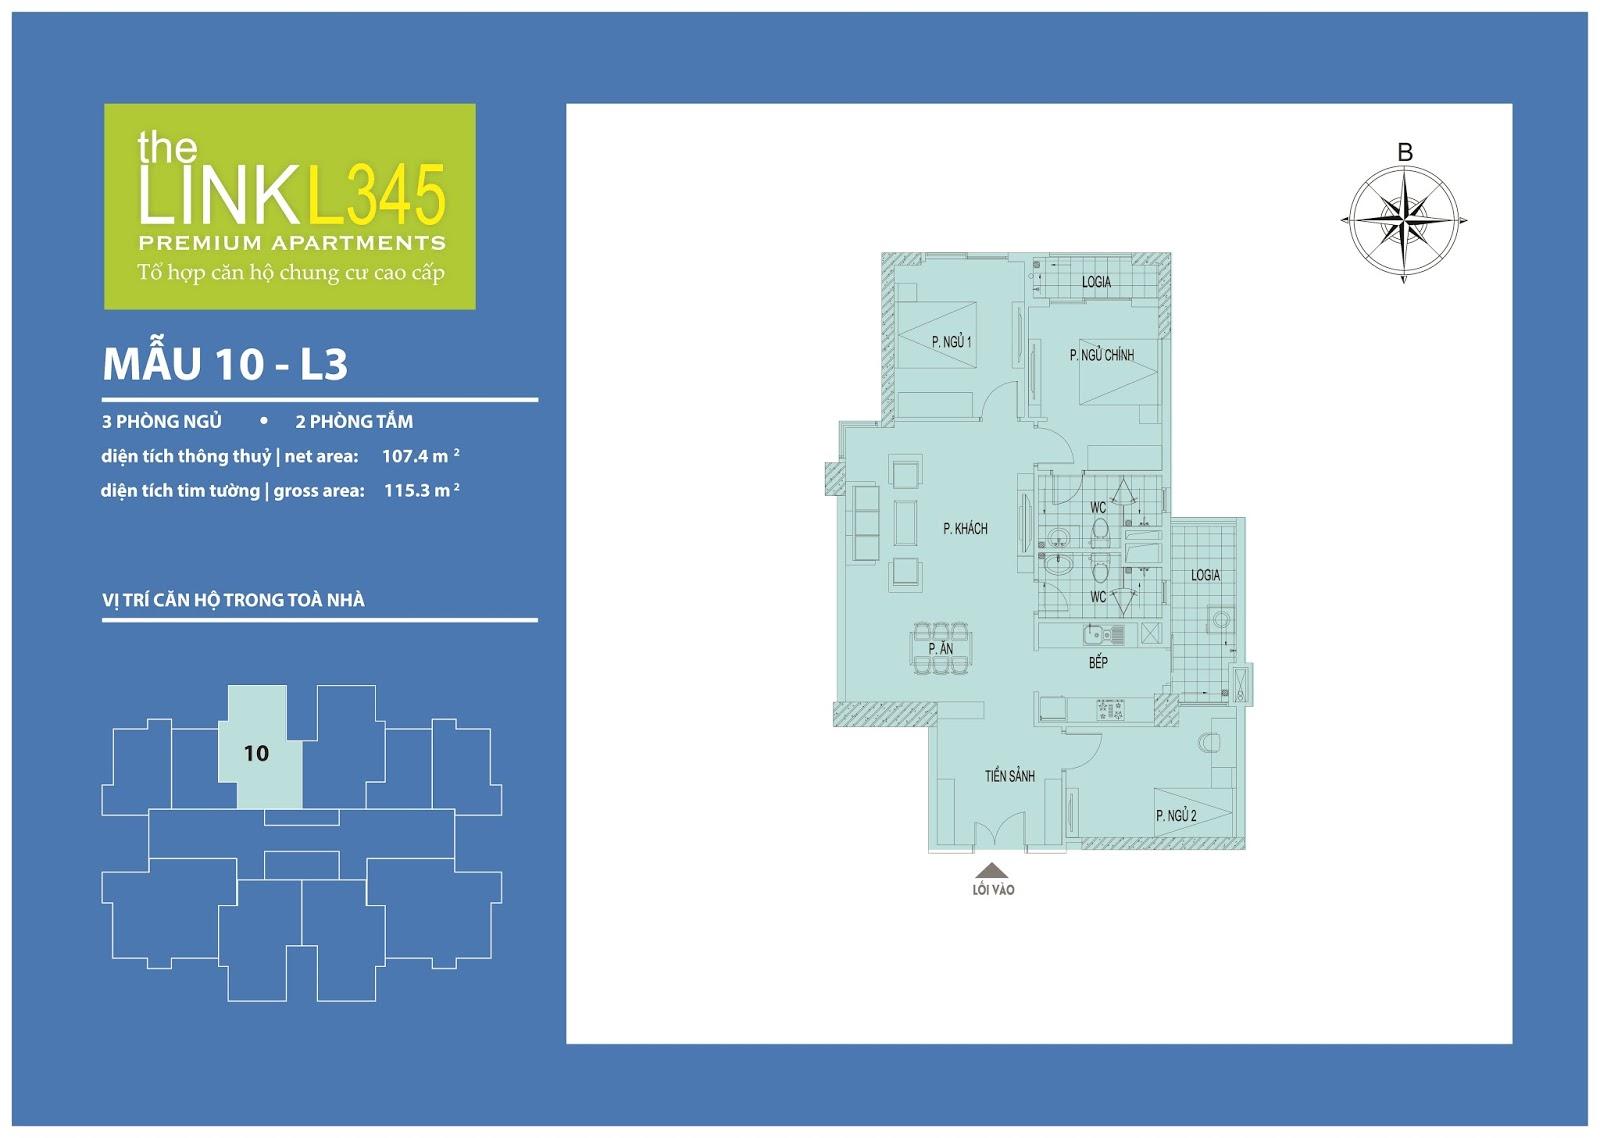 Mặt bằng chi tiết căn hộ 10 - L3 The Link